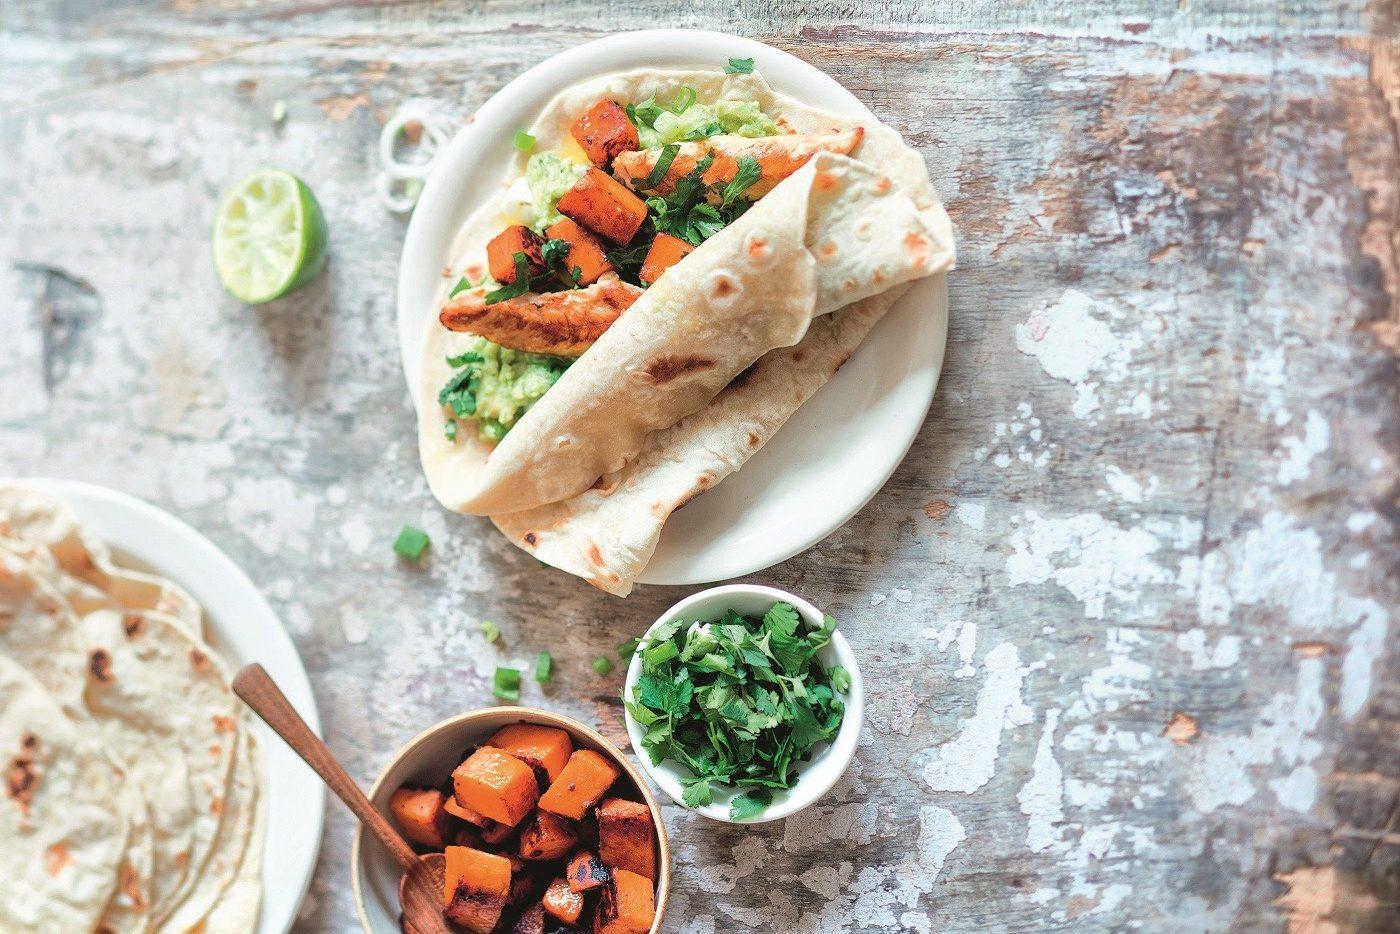 Σήμερα μαγειρεύουμε υγιεινά: Οι πιο νόστιμες και ελαφριές τορτίγιες